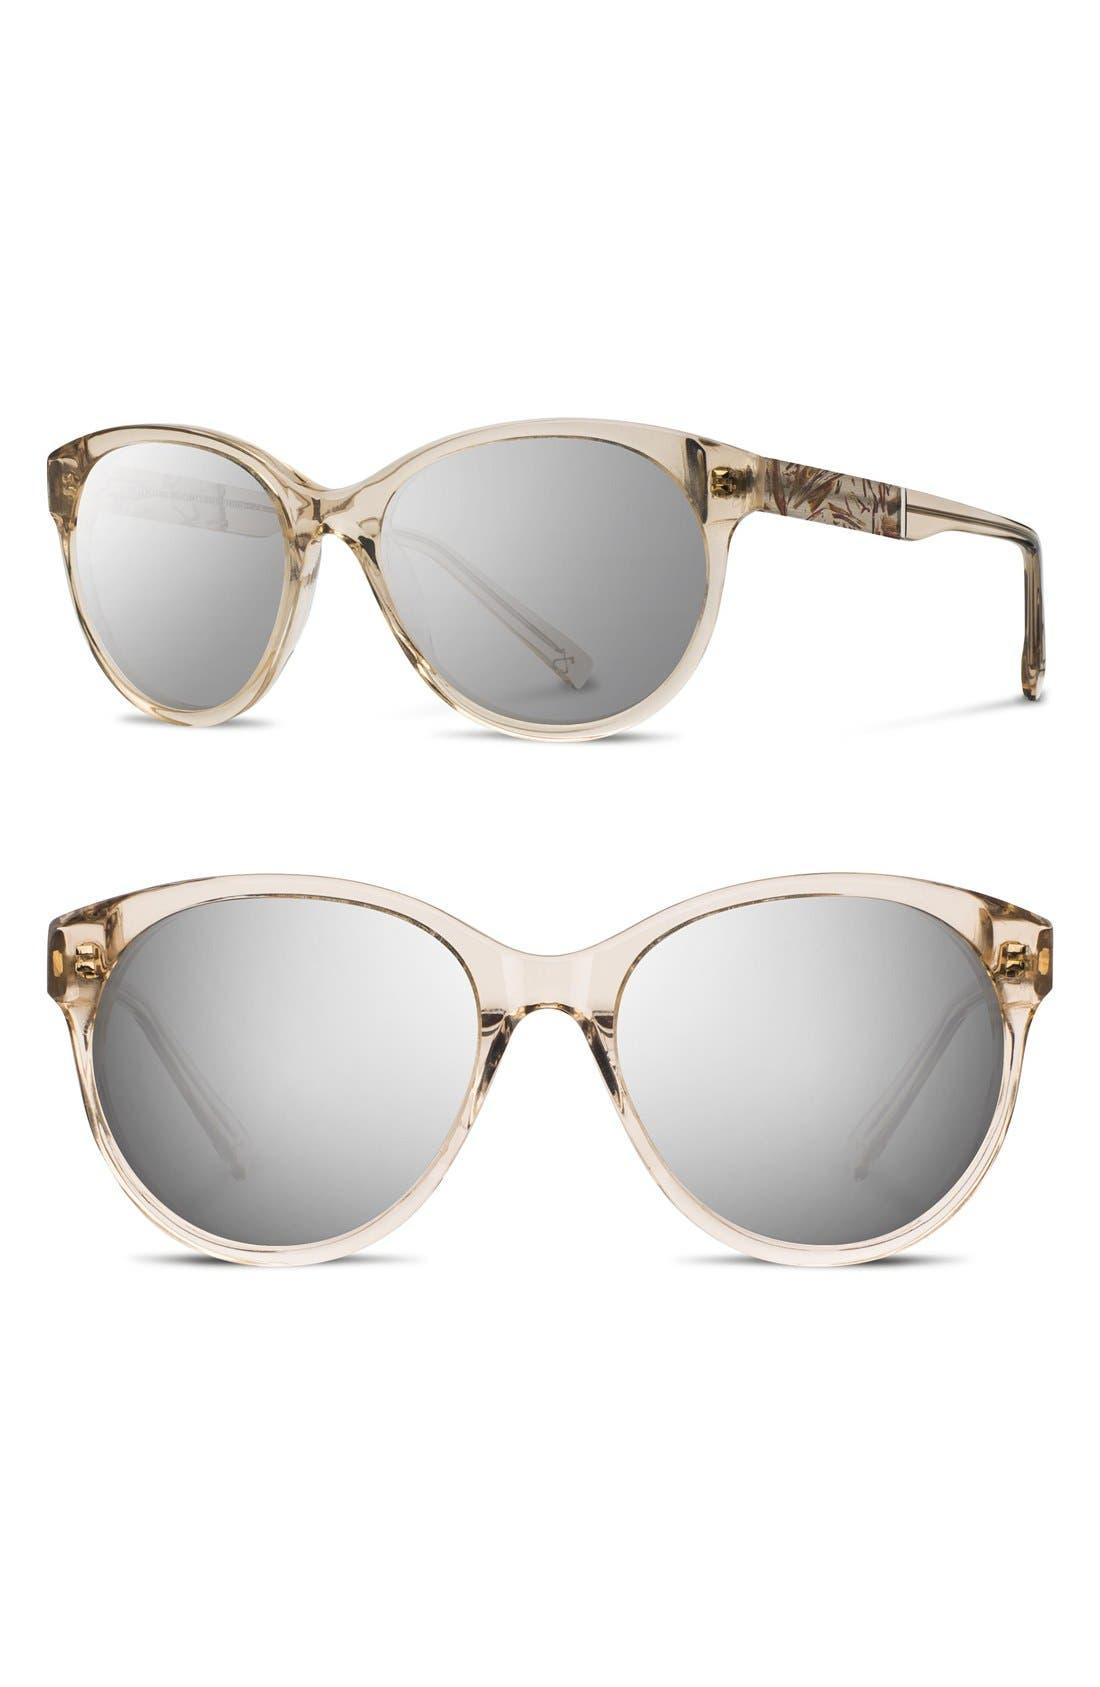 Main Image - Shwood 'Madison Flower' 54mm Polarized Round Sunglasses